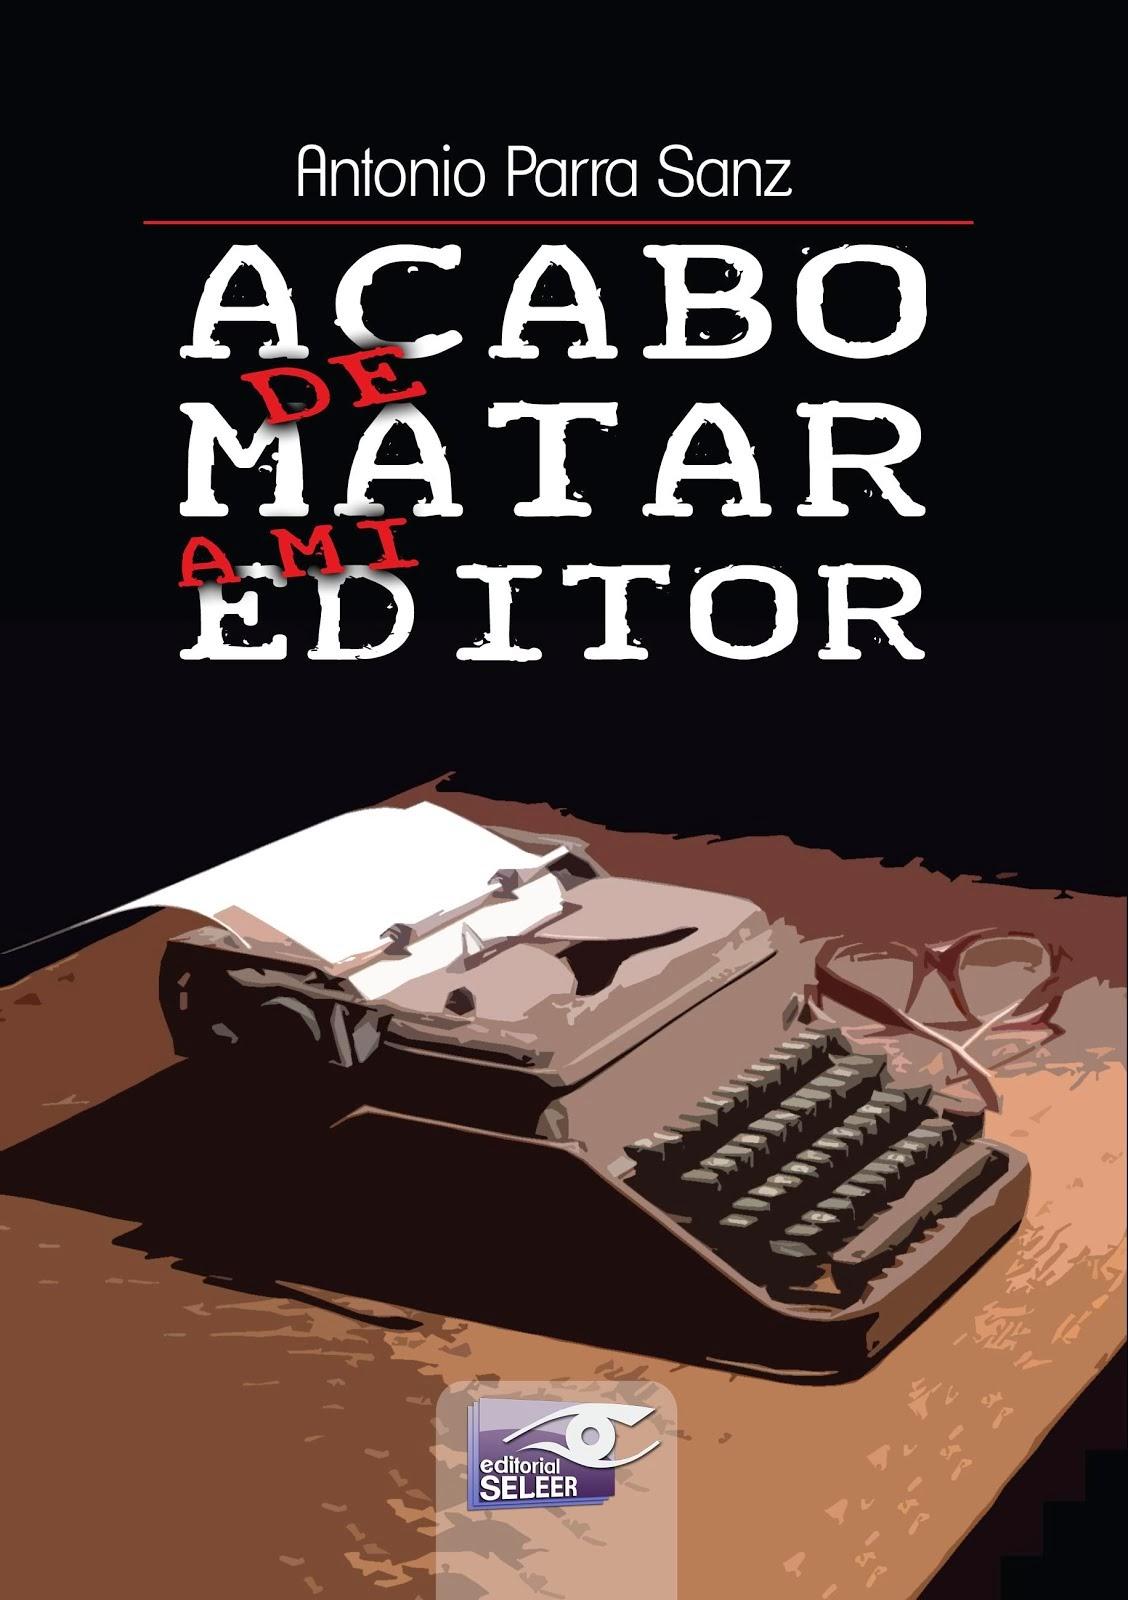 ACABO DE MATAR A MI EDITOR